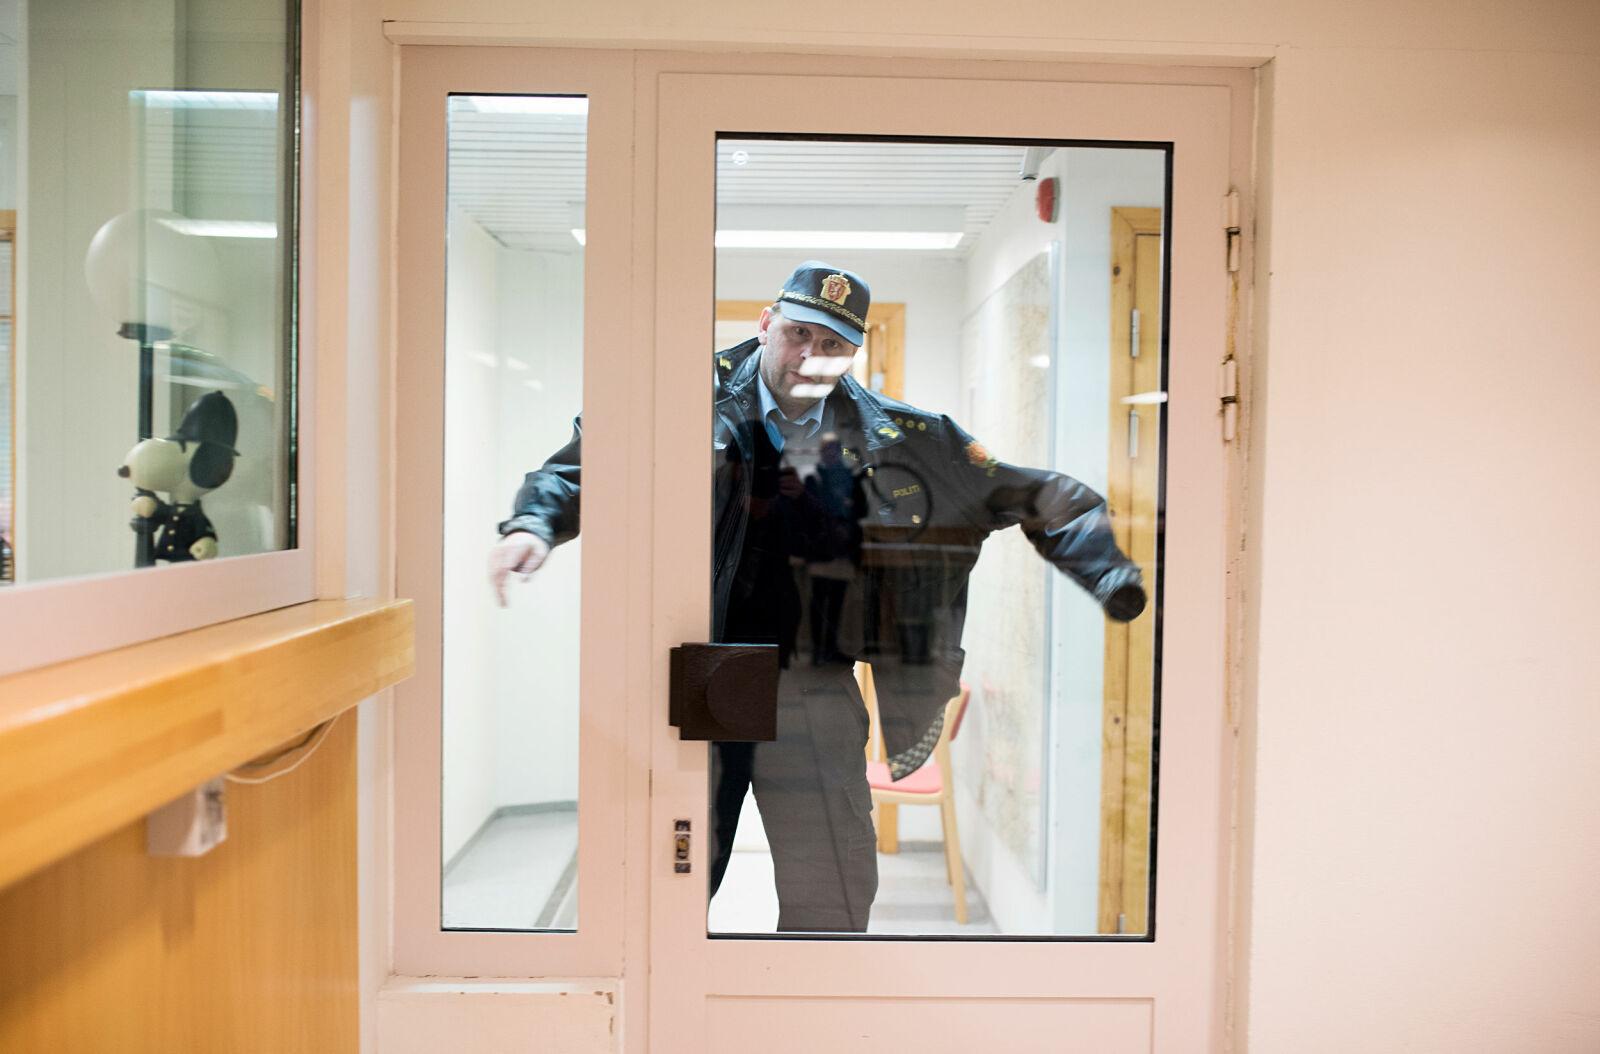 Politibetjenten: - Han ble fort sliten, så det ble en kort samtale, sier Tom Rune Brøndbo.